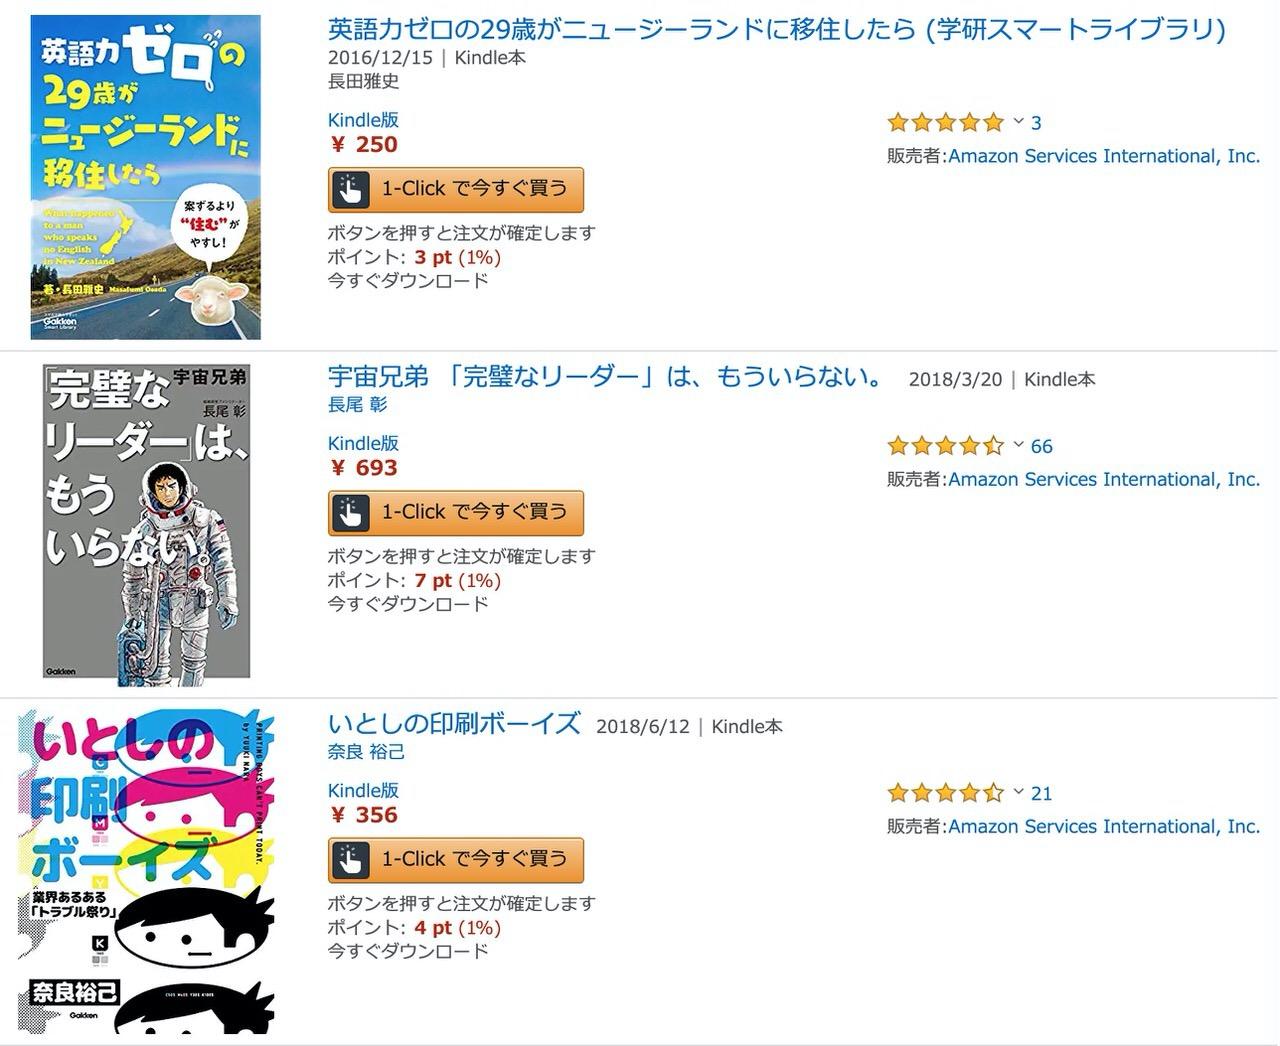 【Kindleセール】英語力ゼロの29歳がニュージーランドに移住したら、いとしの印刷ボーイズなど1,000冊以上が対象「学研秋の特大セール」(10/24まで)